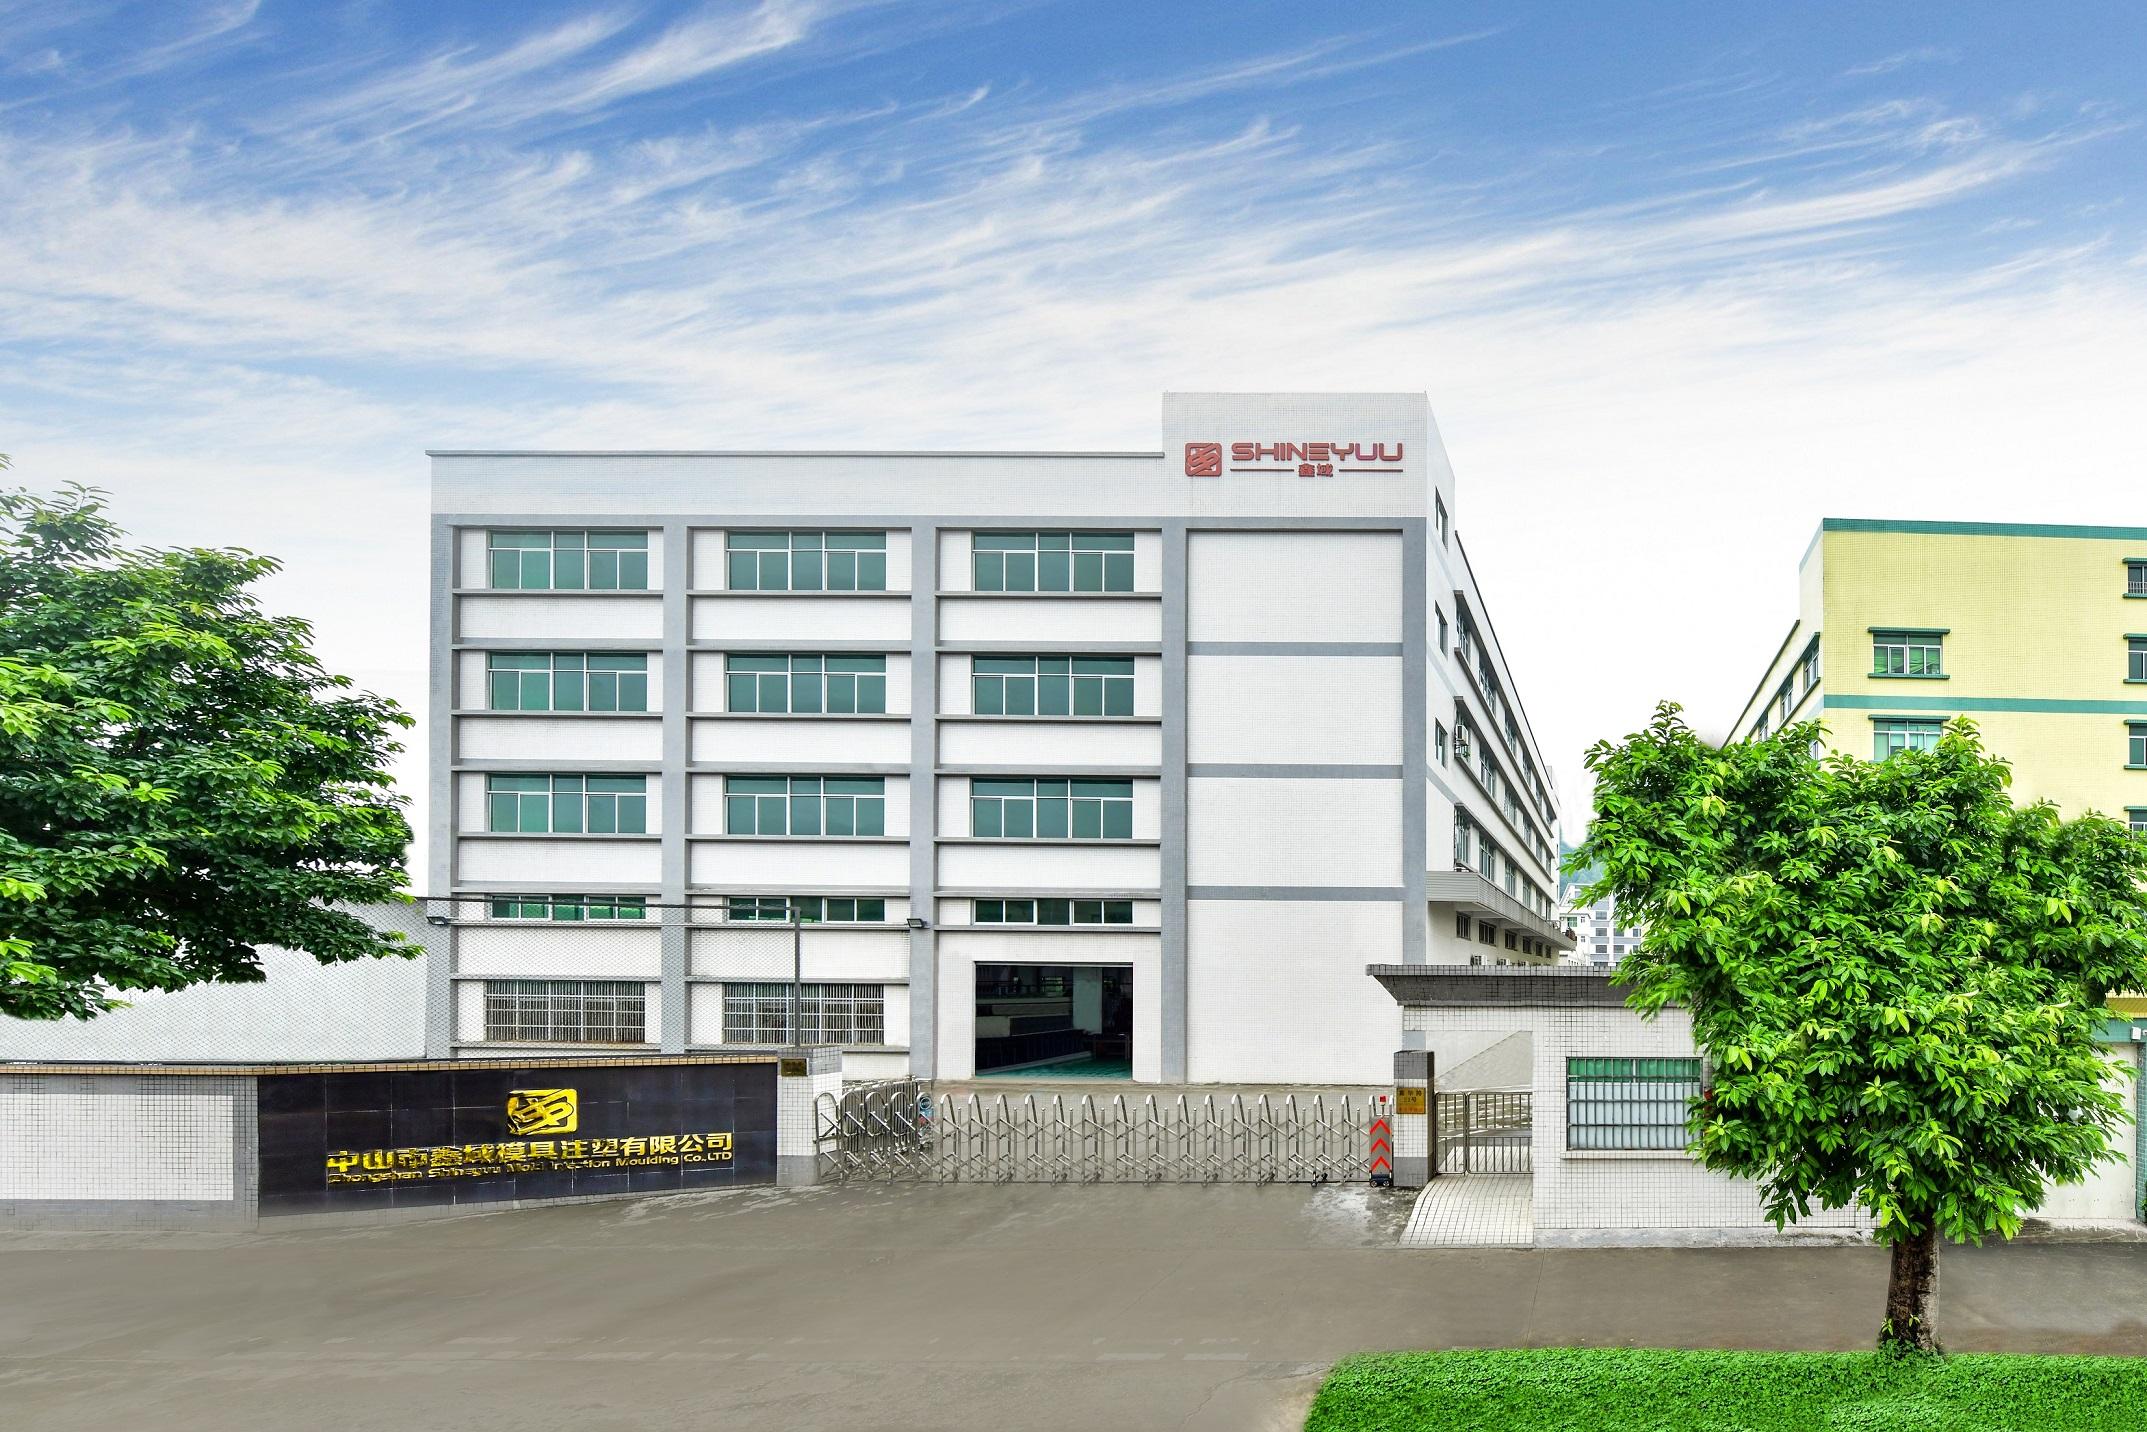 Injection Molding Companies Shineyuu Image